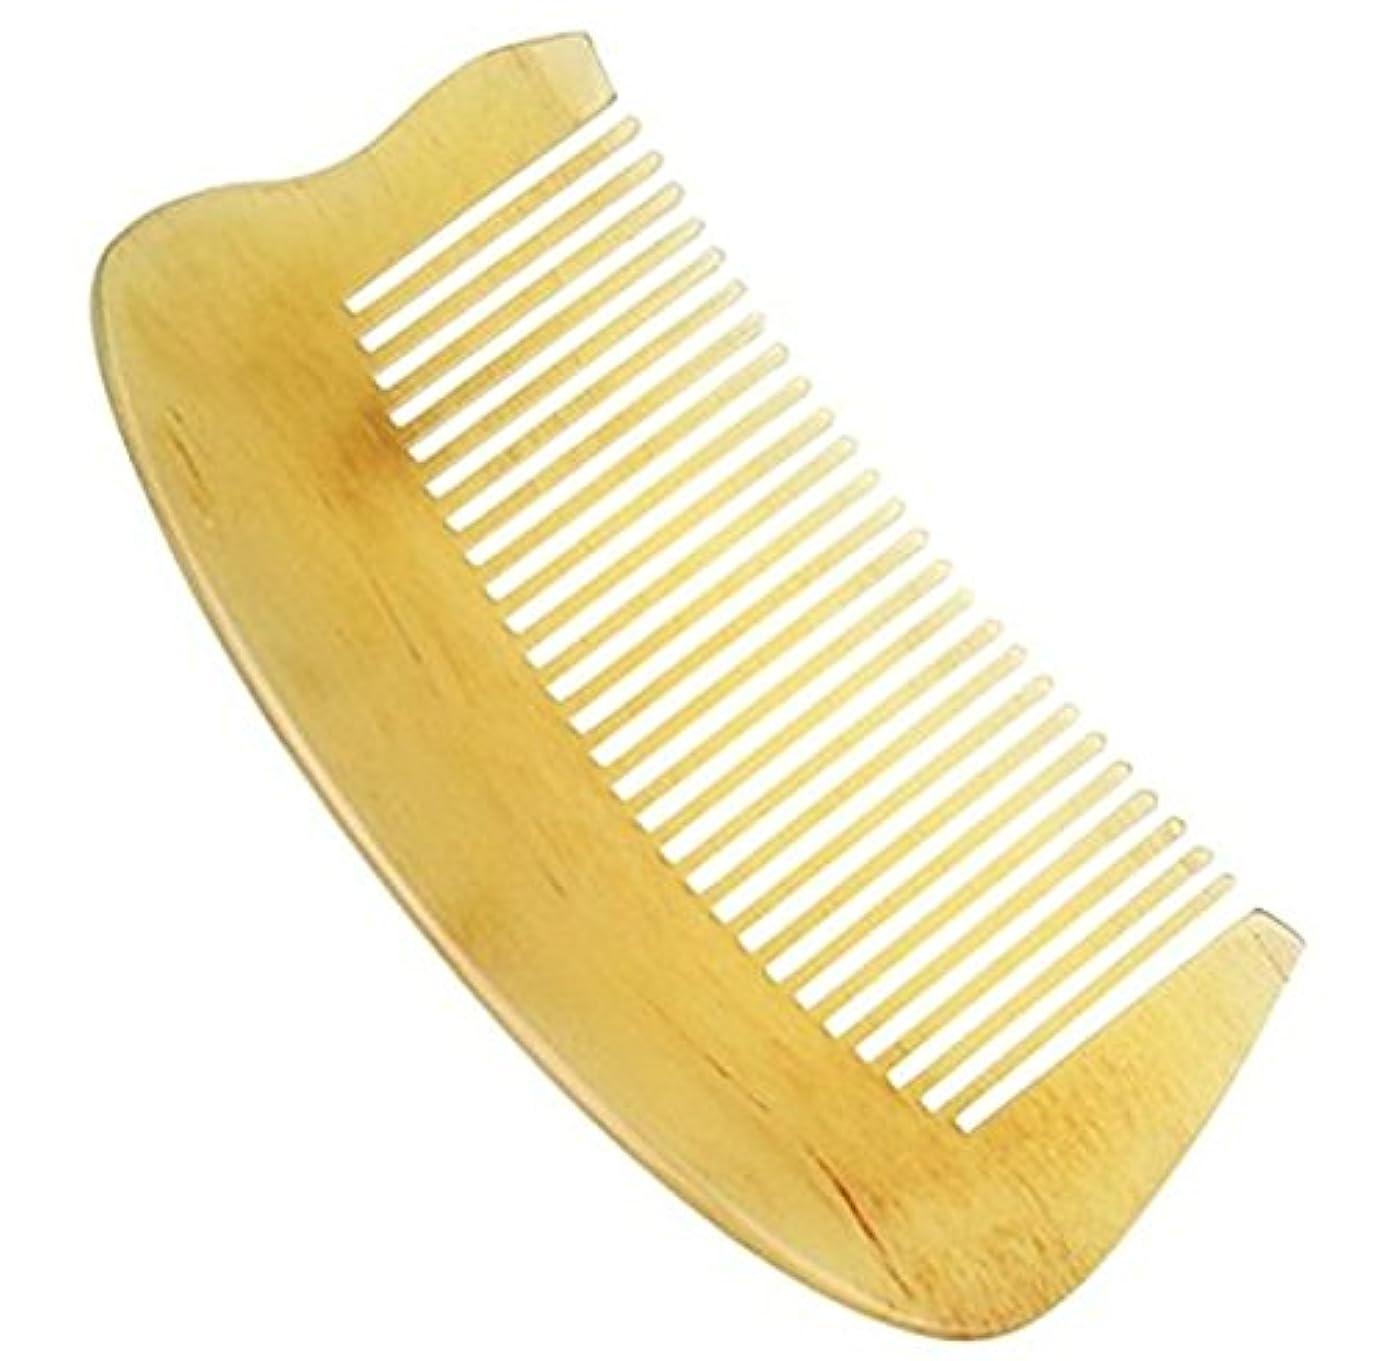 ベアリングサークル大胆な天の櫛型 プロも使う羊角かっさプレート マサージ用 血行改善 高級 天然 静電気 防止 美髪